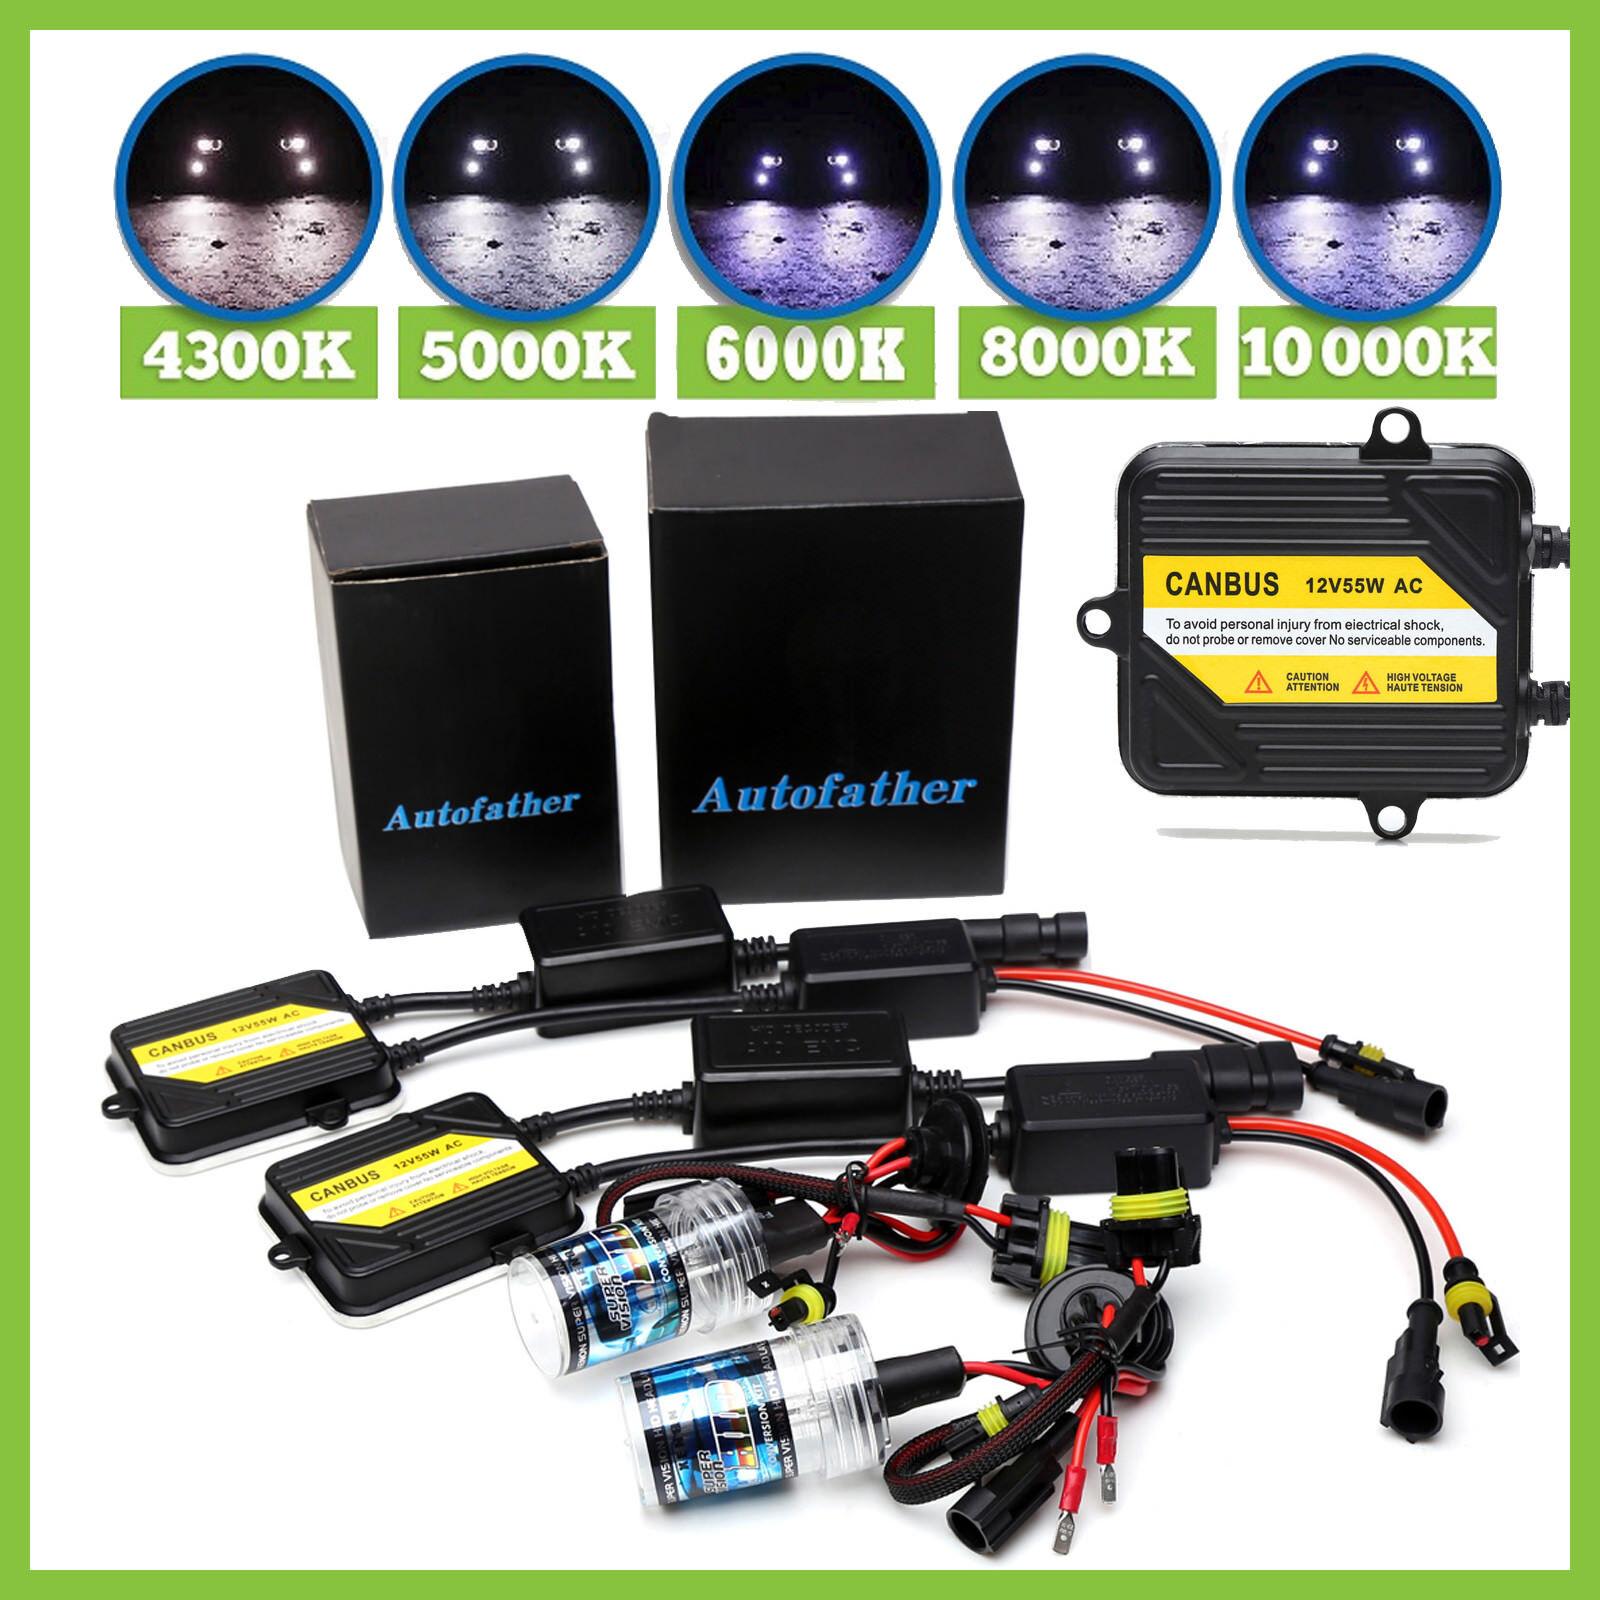 H4 H7 H1 AC Hid Xenon Car Headlight Kit Canbus Error Free 5000 6000 8000 10000K